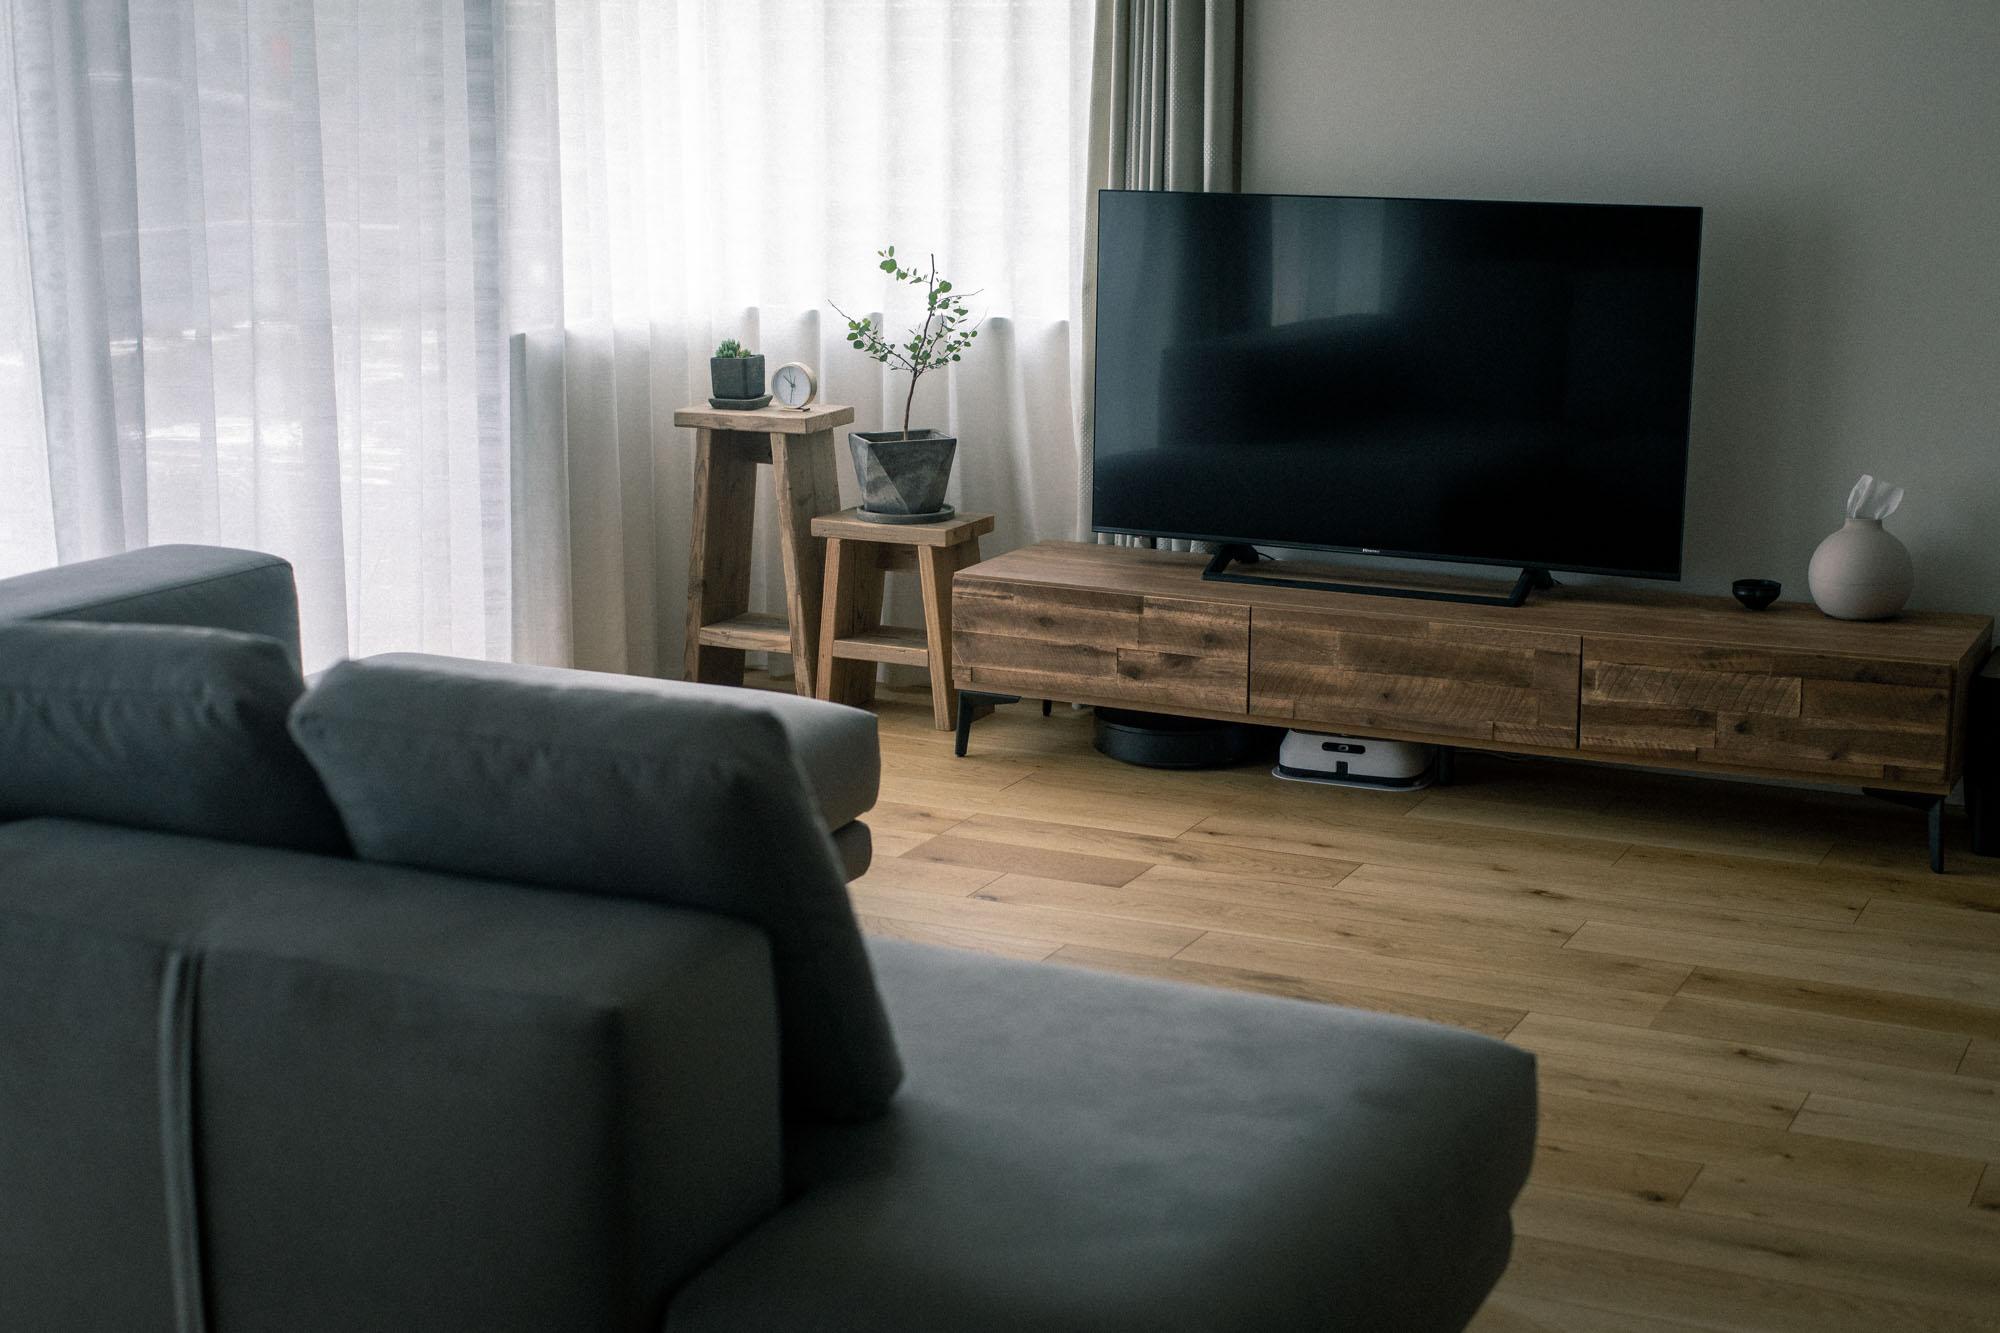 テレビ台との相性もばっちり。人もペットも、ゆったりリラックスできるスペースに。